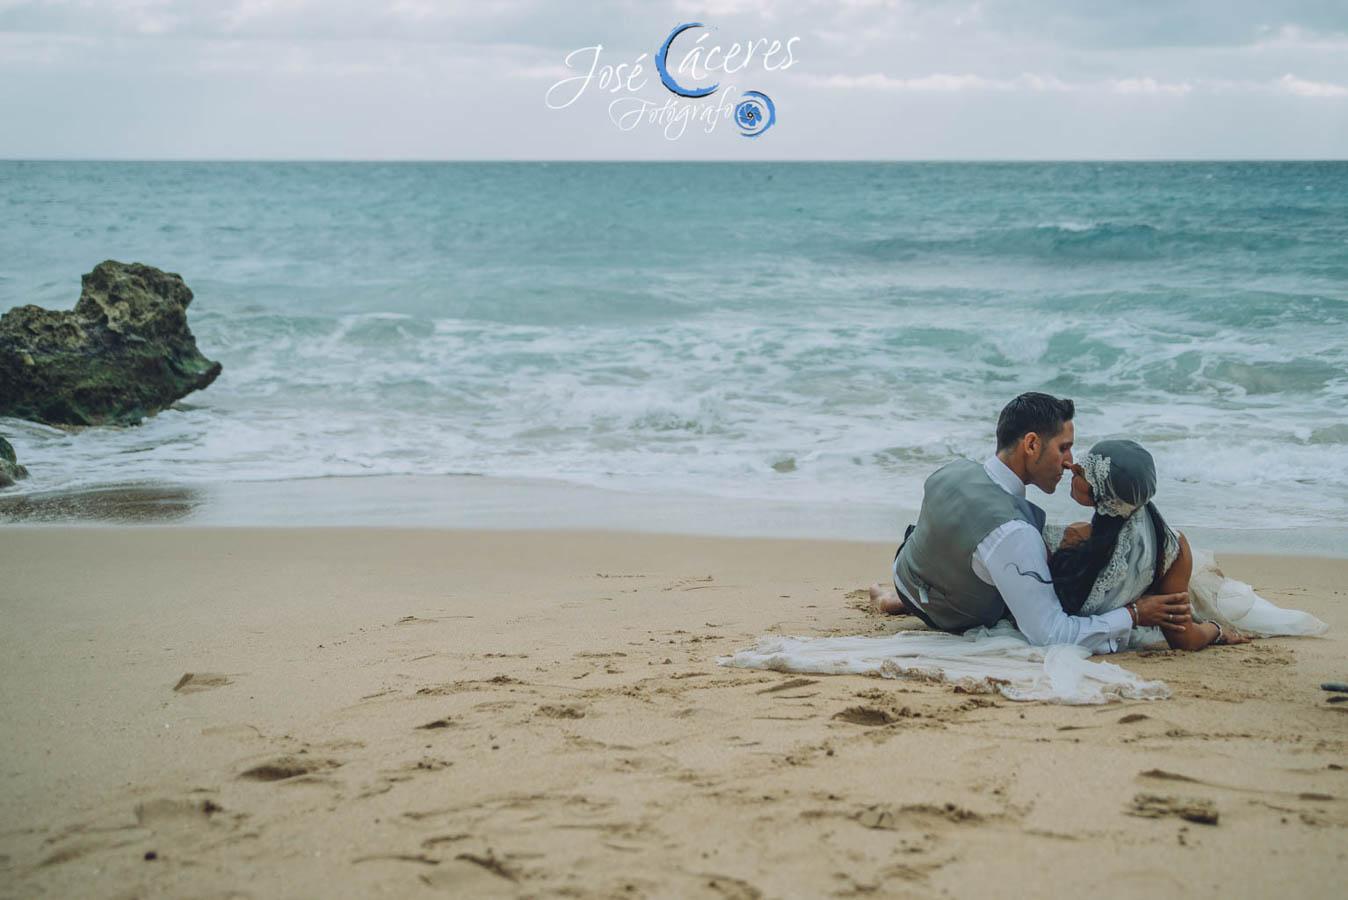 Sesion fotografica de jose caceres fotografia, post boda leticia y jose luis, playas-26